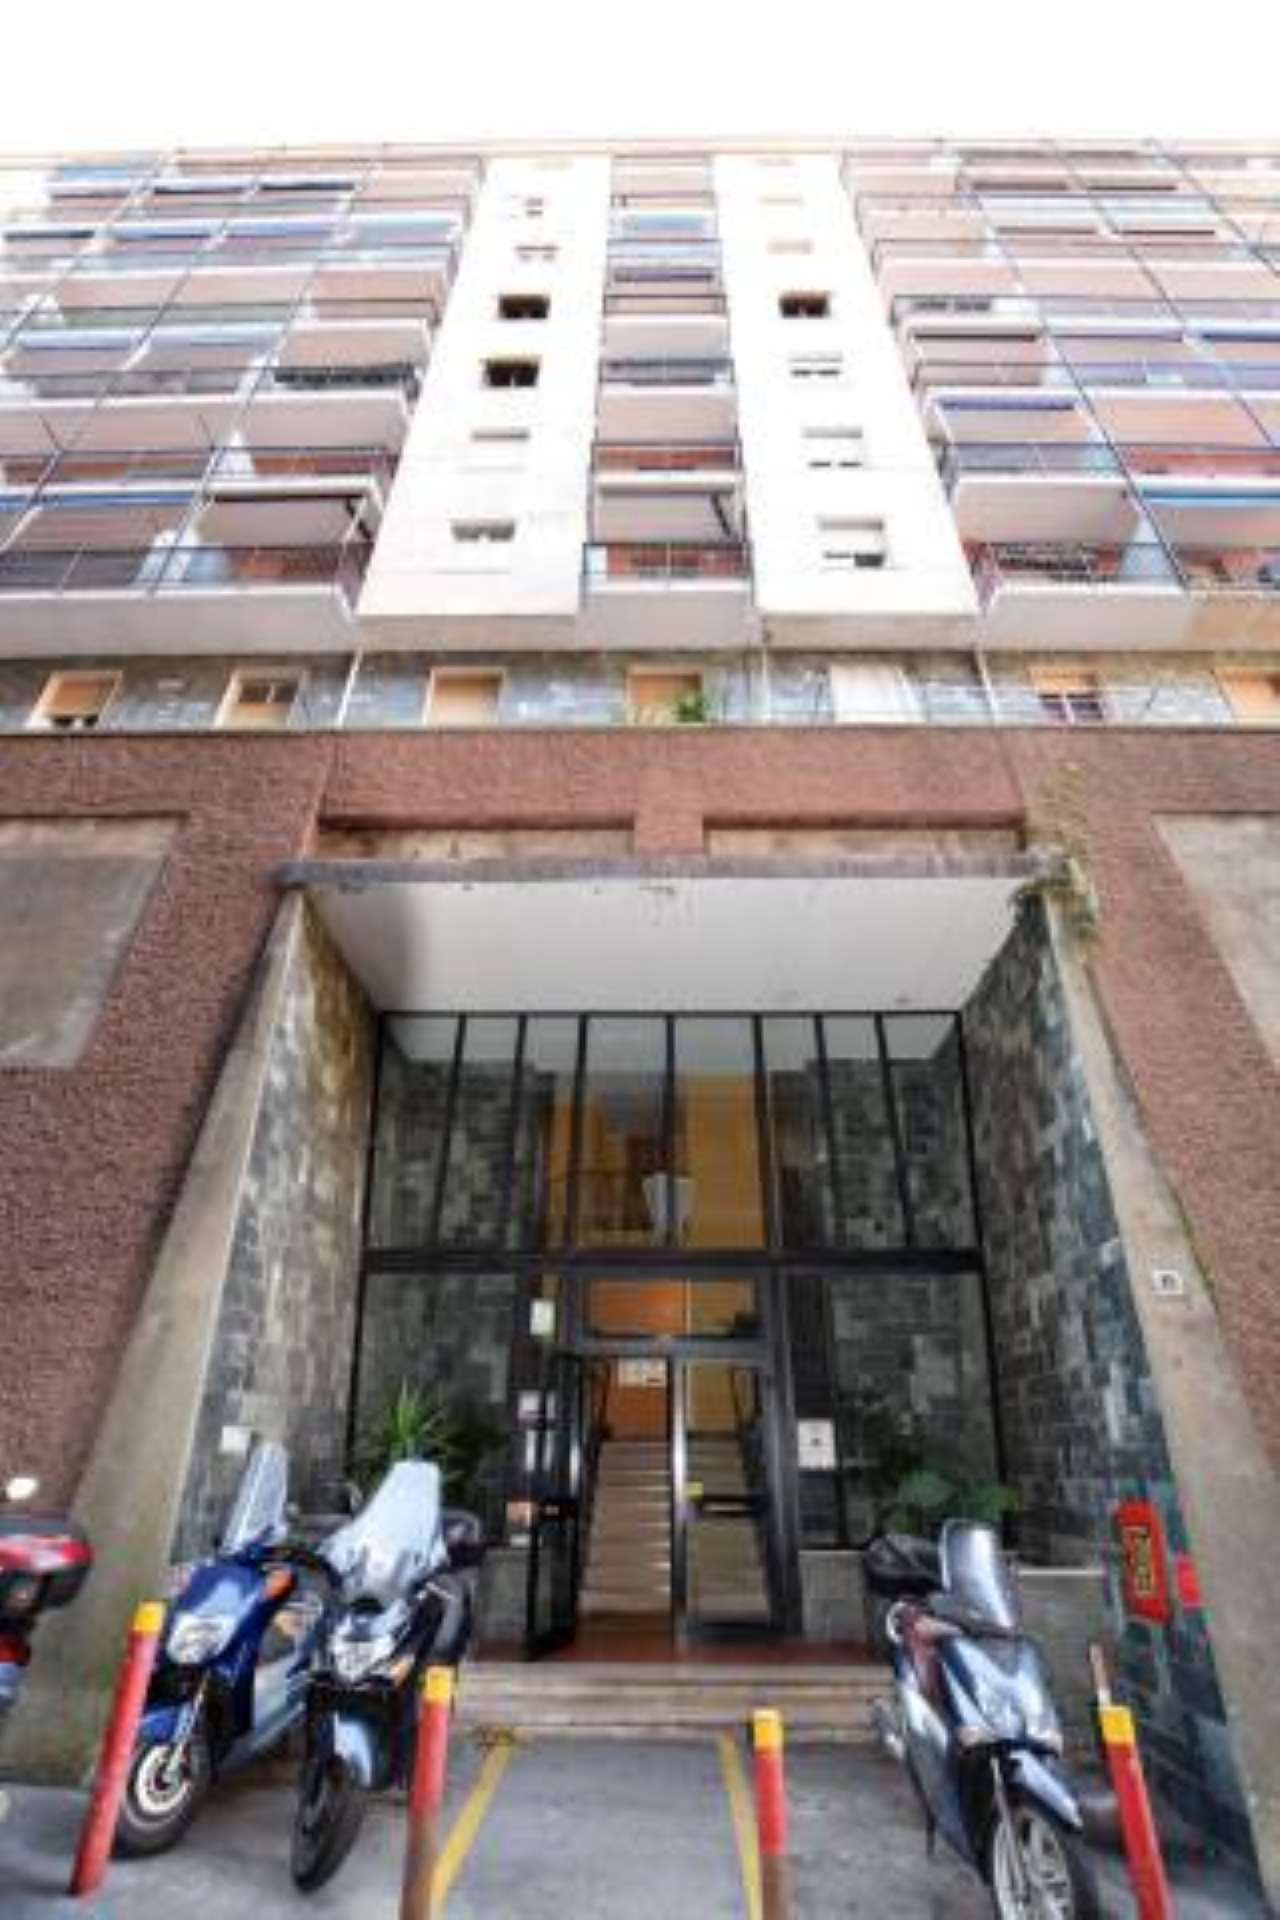 Foto 1 di Appartamento via Ventotene 85, Genova (zona Principe)